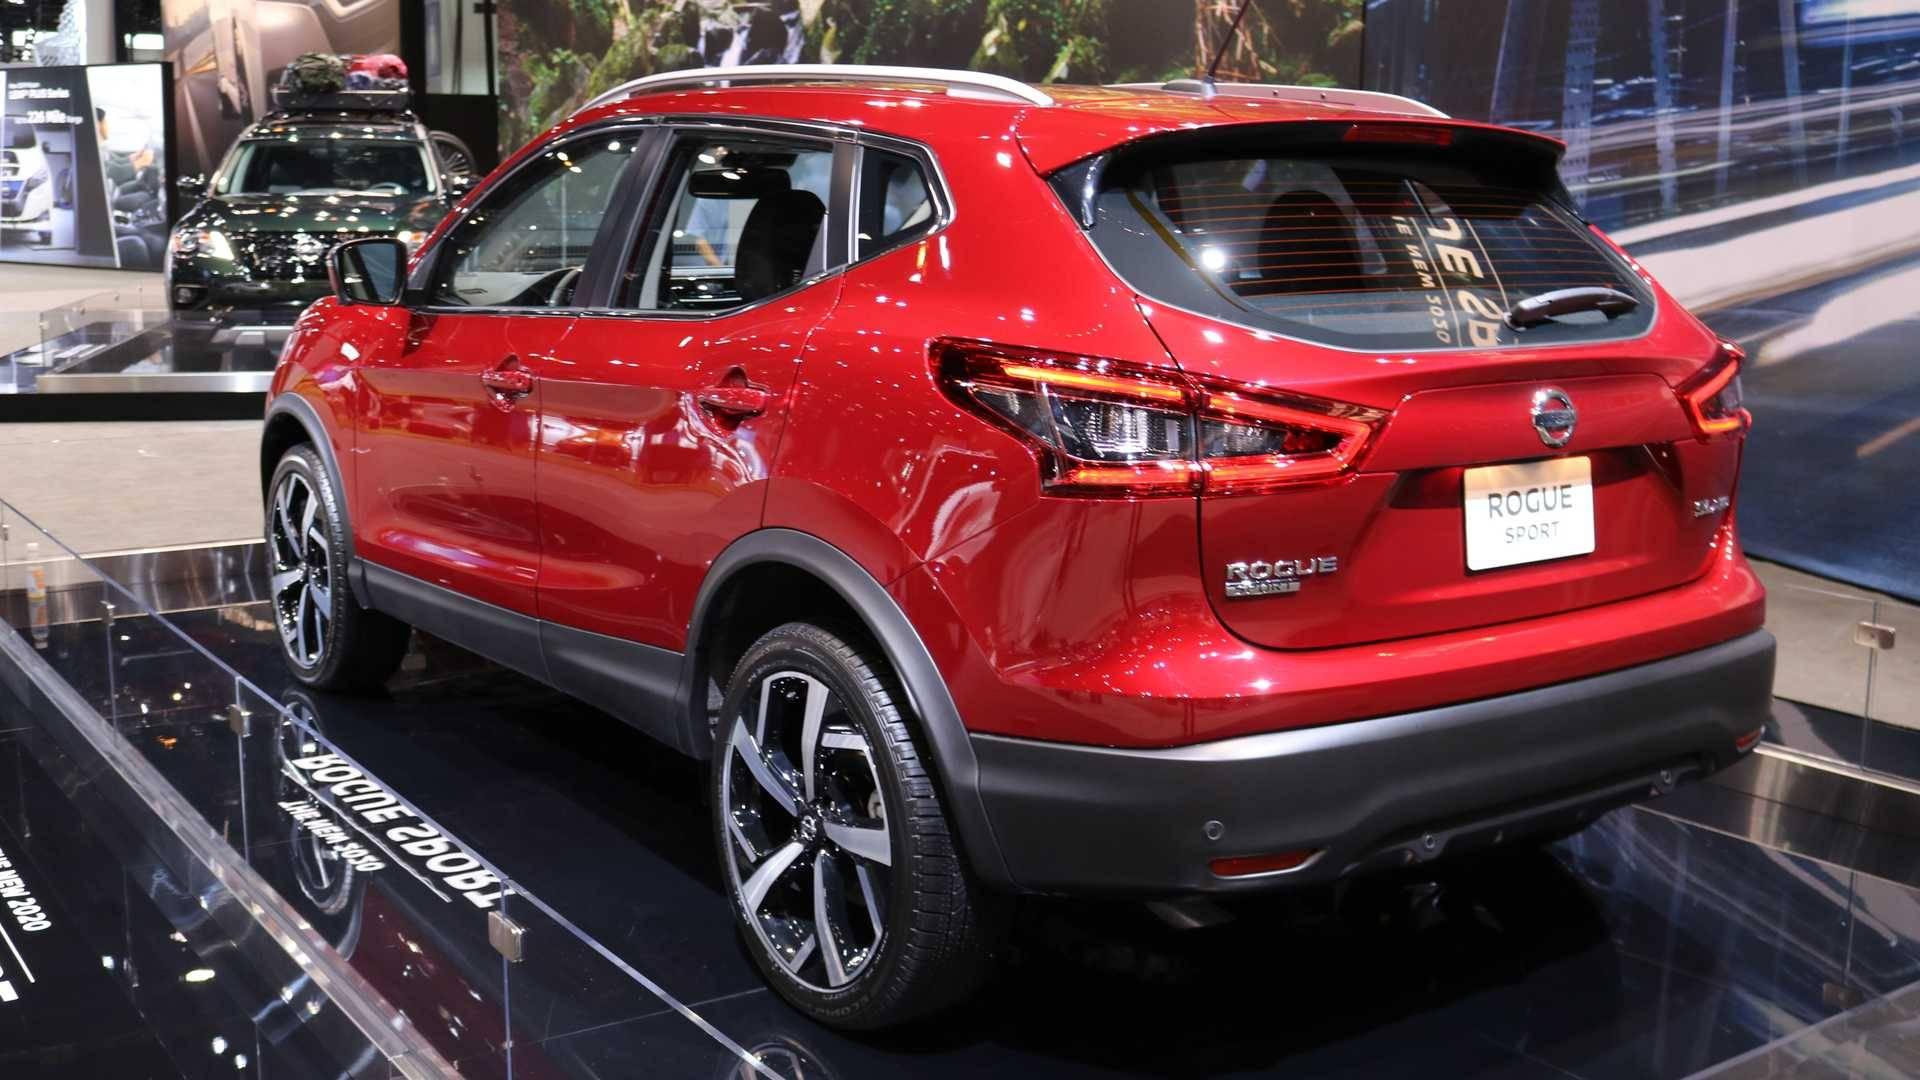 ماشین Rouge Sport 2020 نیسان,اخبار خودرو,خبرهای خودرو,مقایسه خودرو